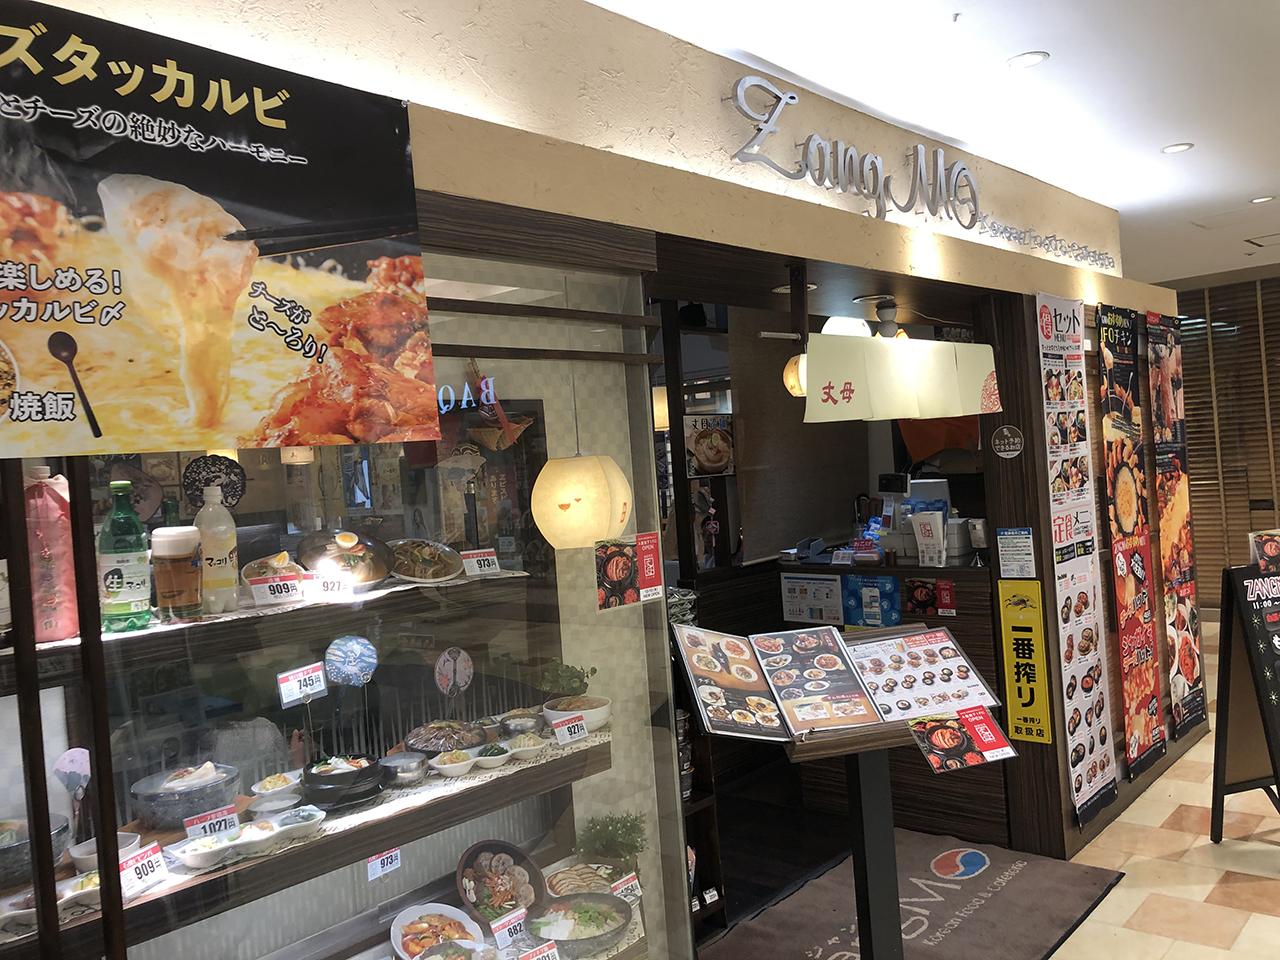 韓国食堂ジャンモの画像